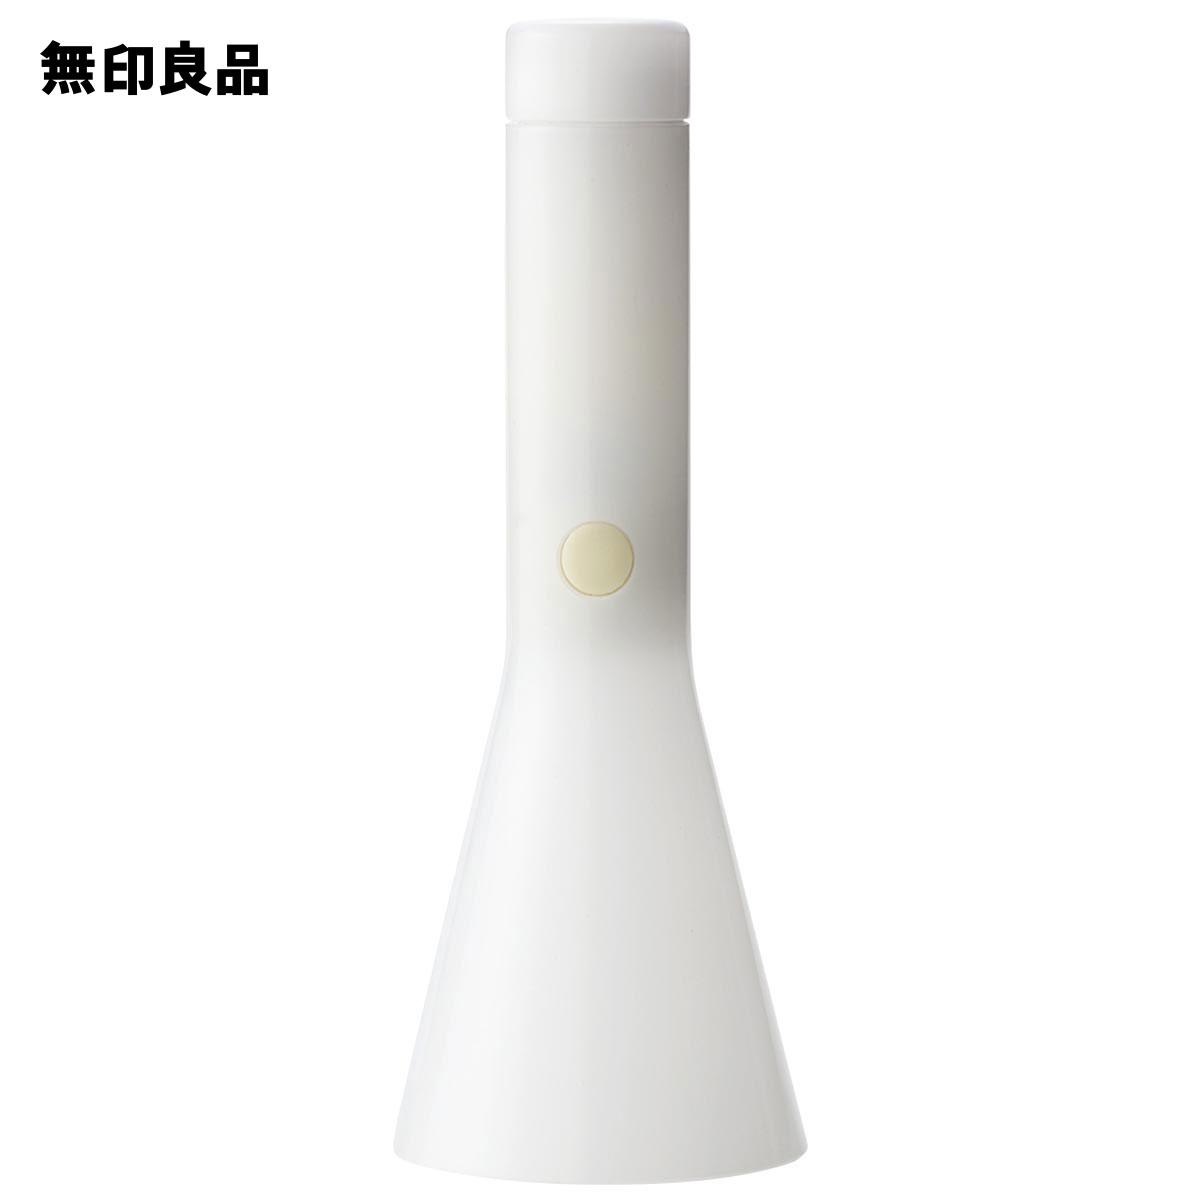 【無印良品 公式】LED懐中電灯 小 MJ‐TBS63